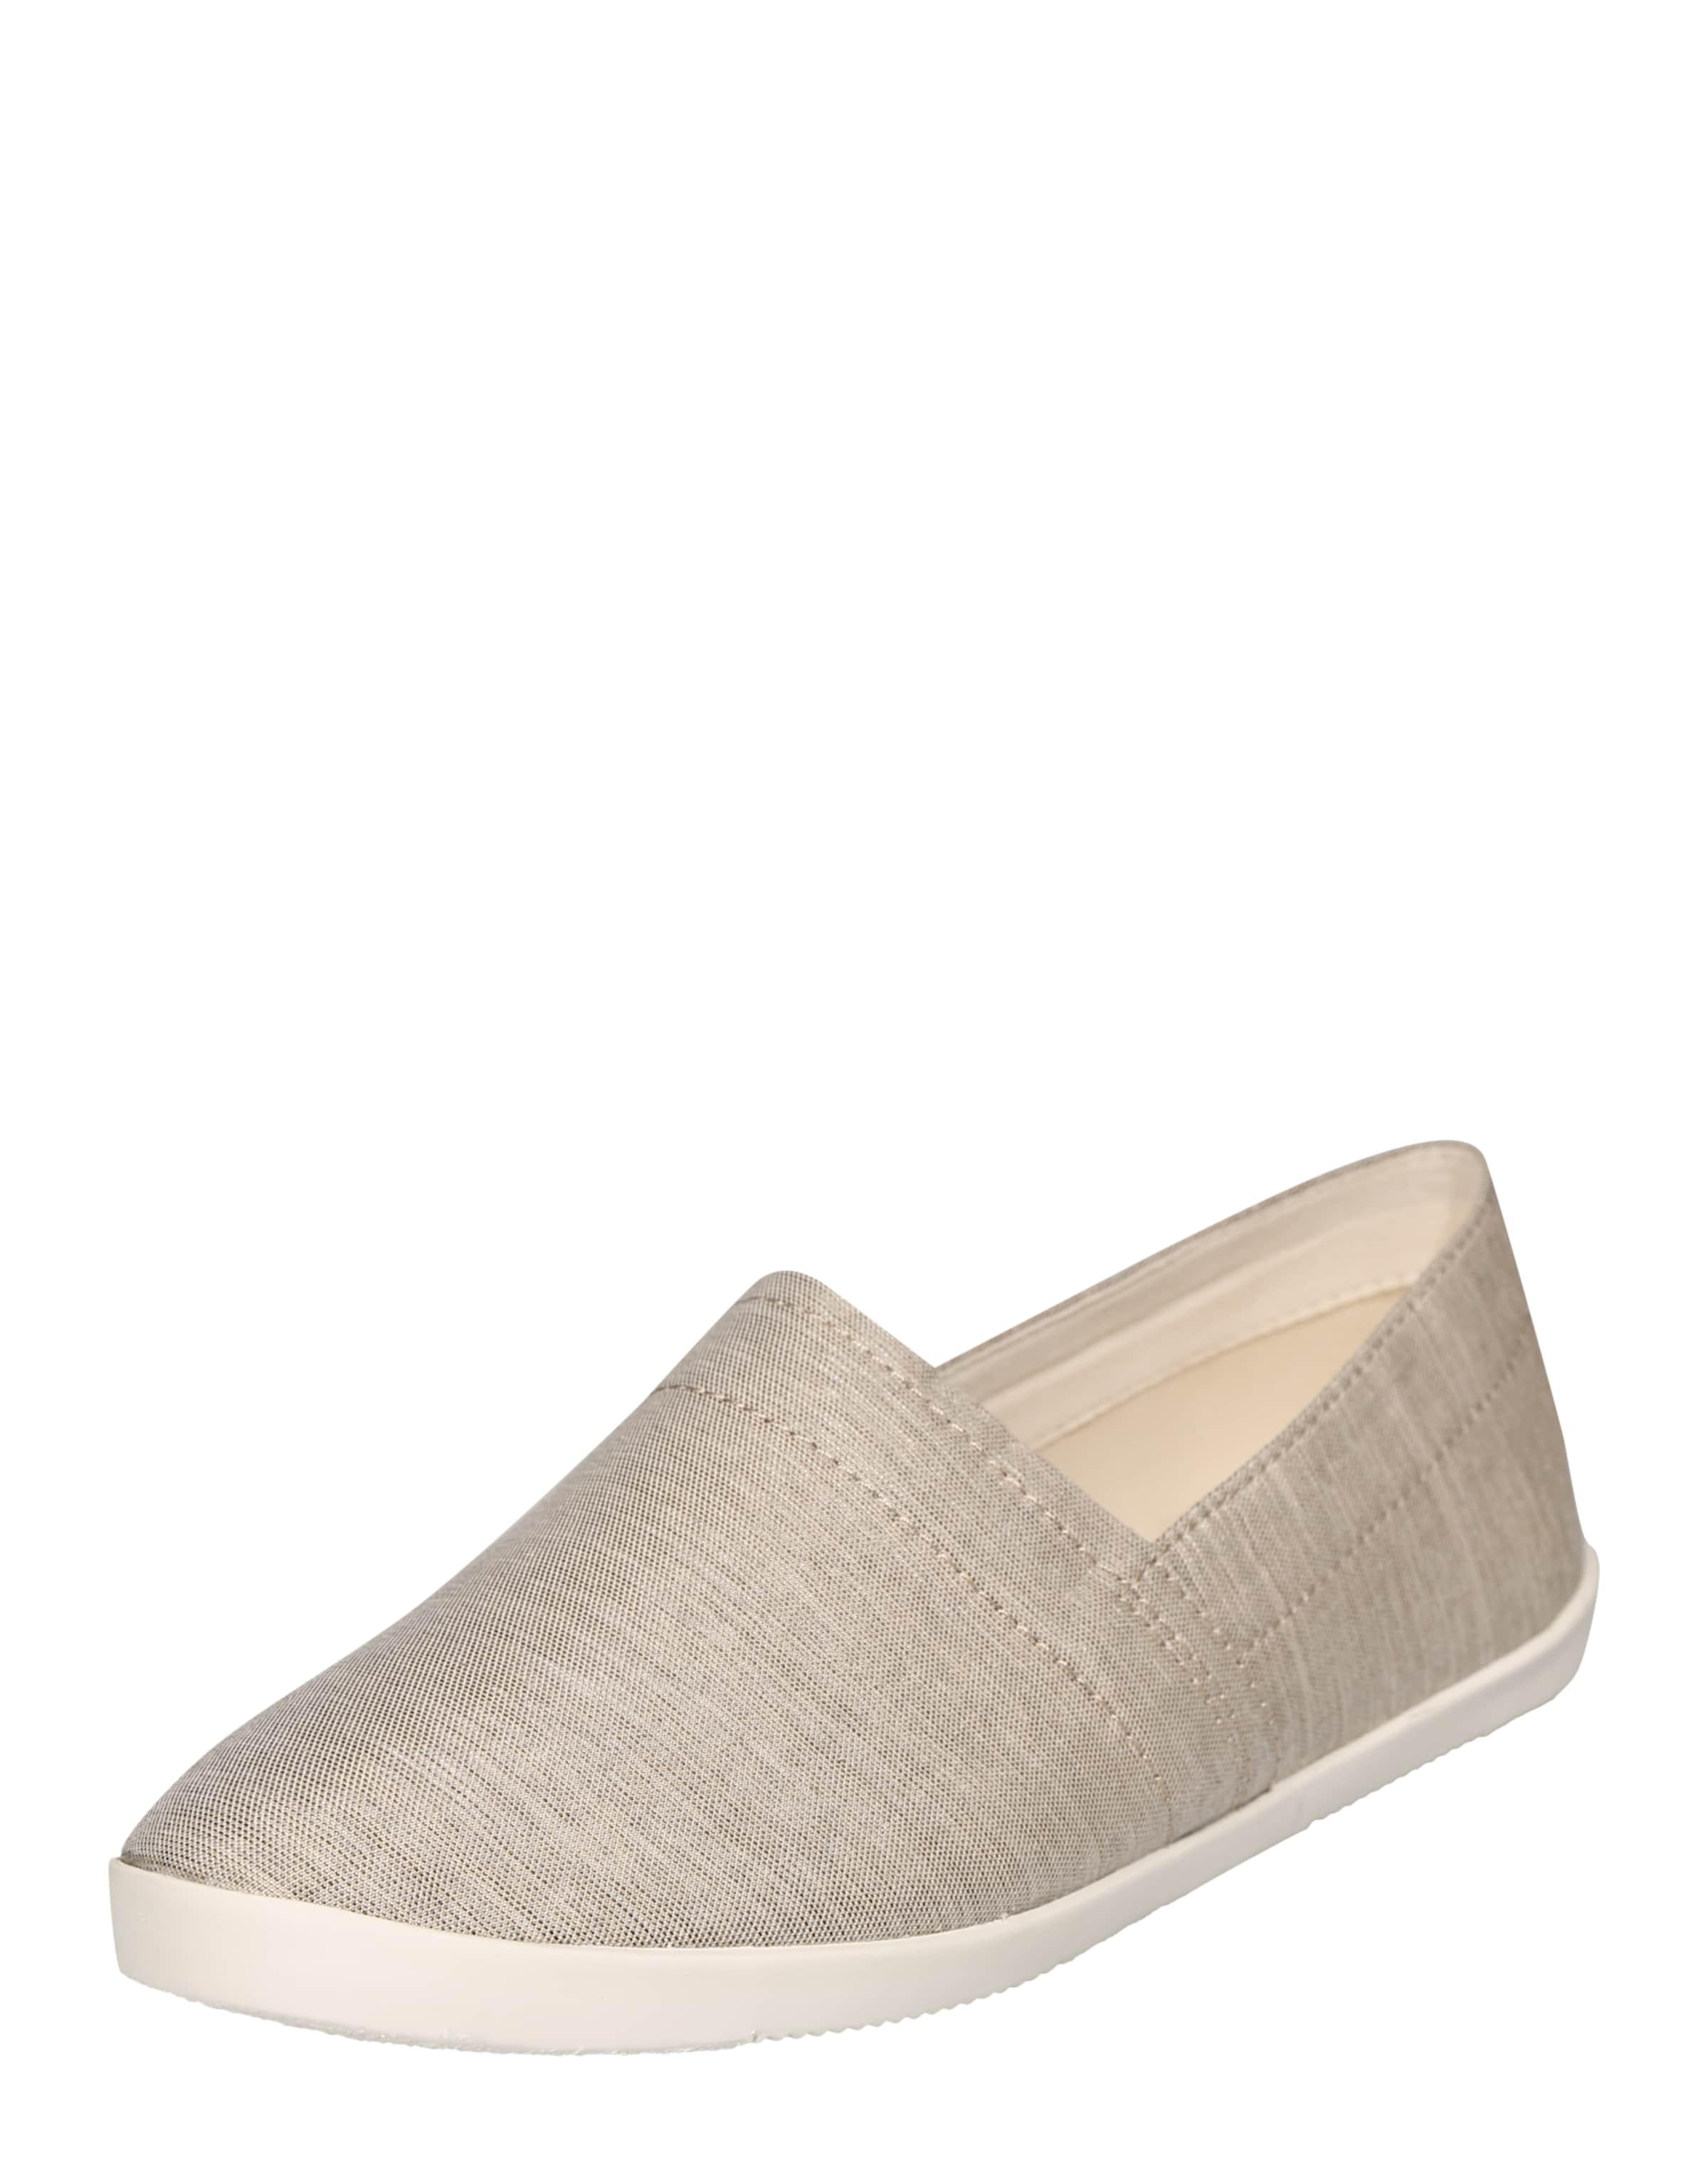 VAGABOND SHOEMAKERS Espandrilles Verschleißfeste billige Schuhe